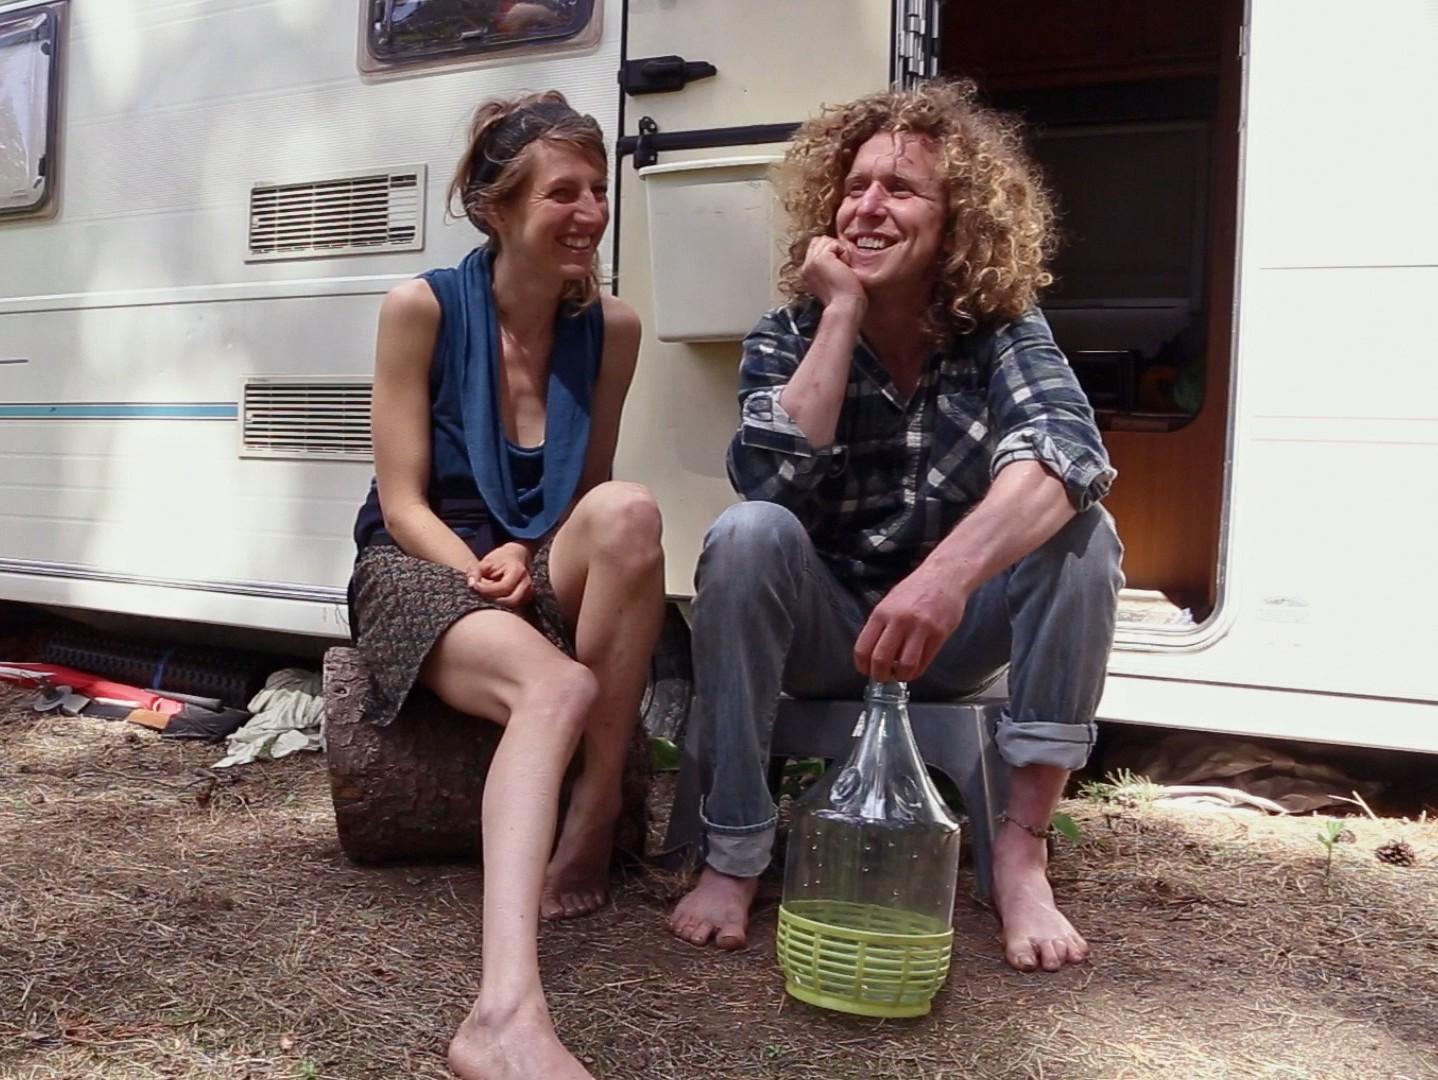 Maarja ja Jim on otsustanud linnamugavustest loobuda ning maal juhtmevaba elu elama hakata. Kaader filmist